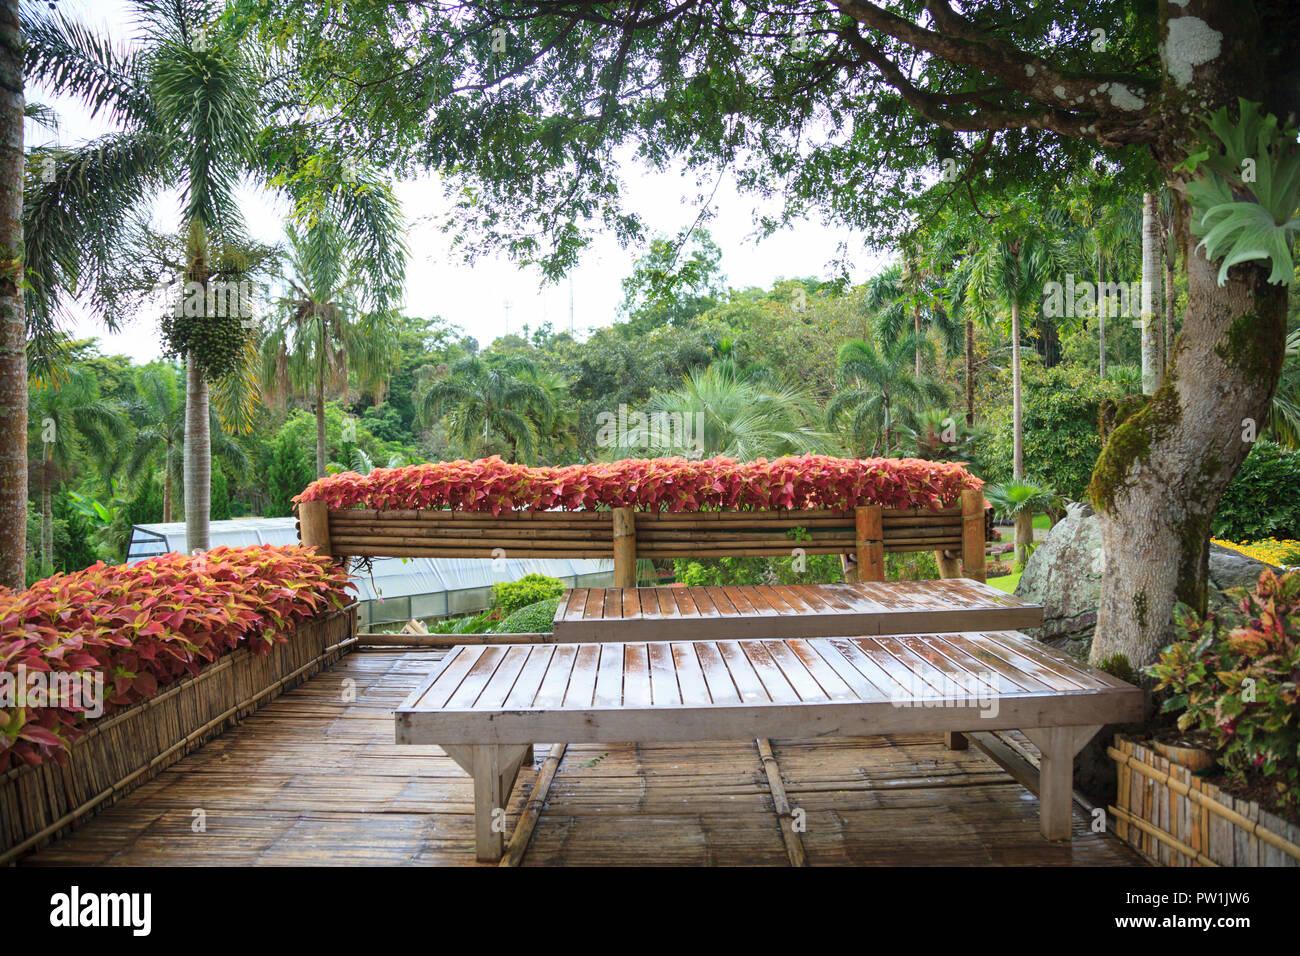 Maison rural tropical jardin en bois bambou accueil sur balcon ...